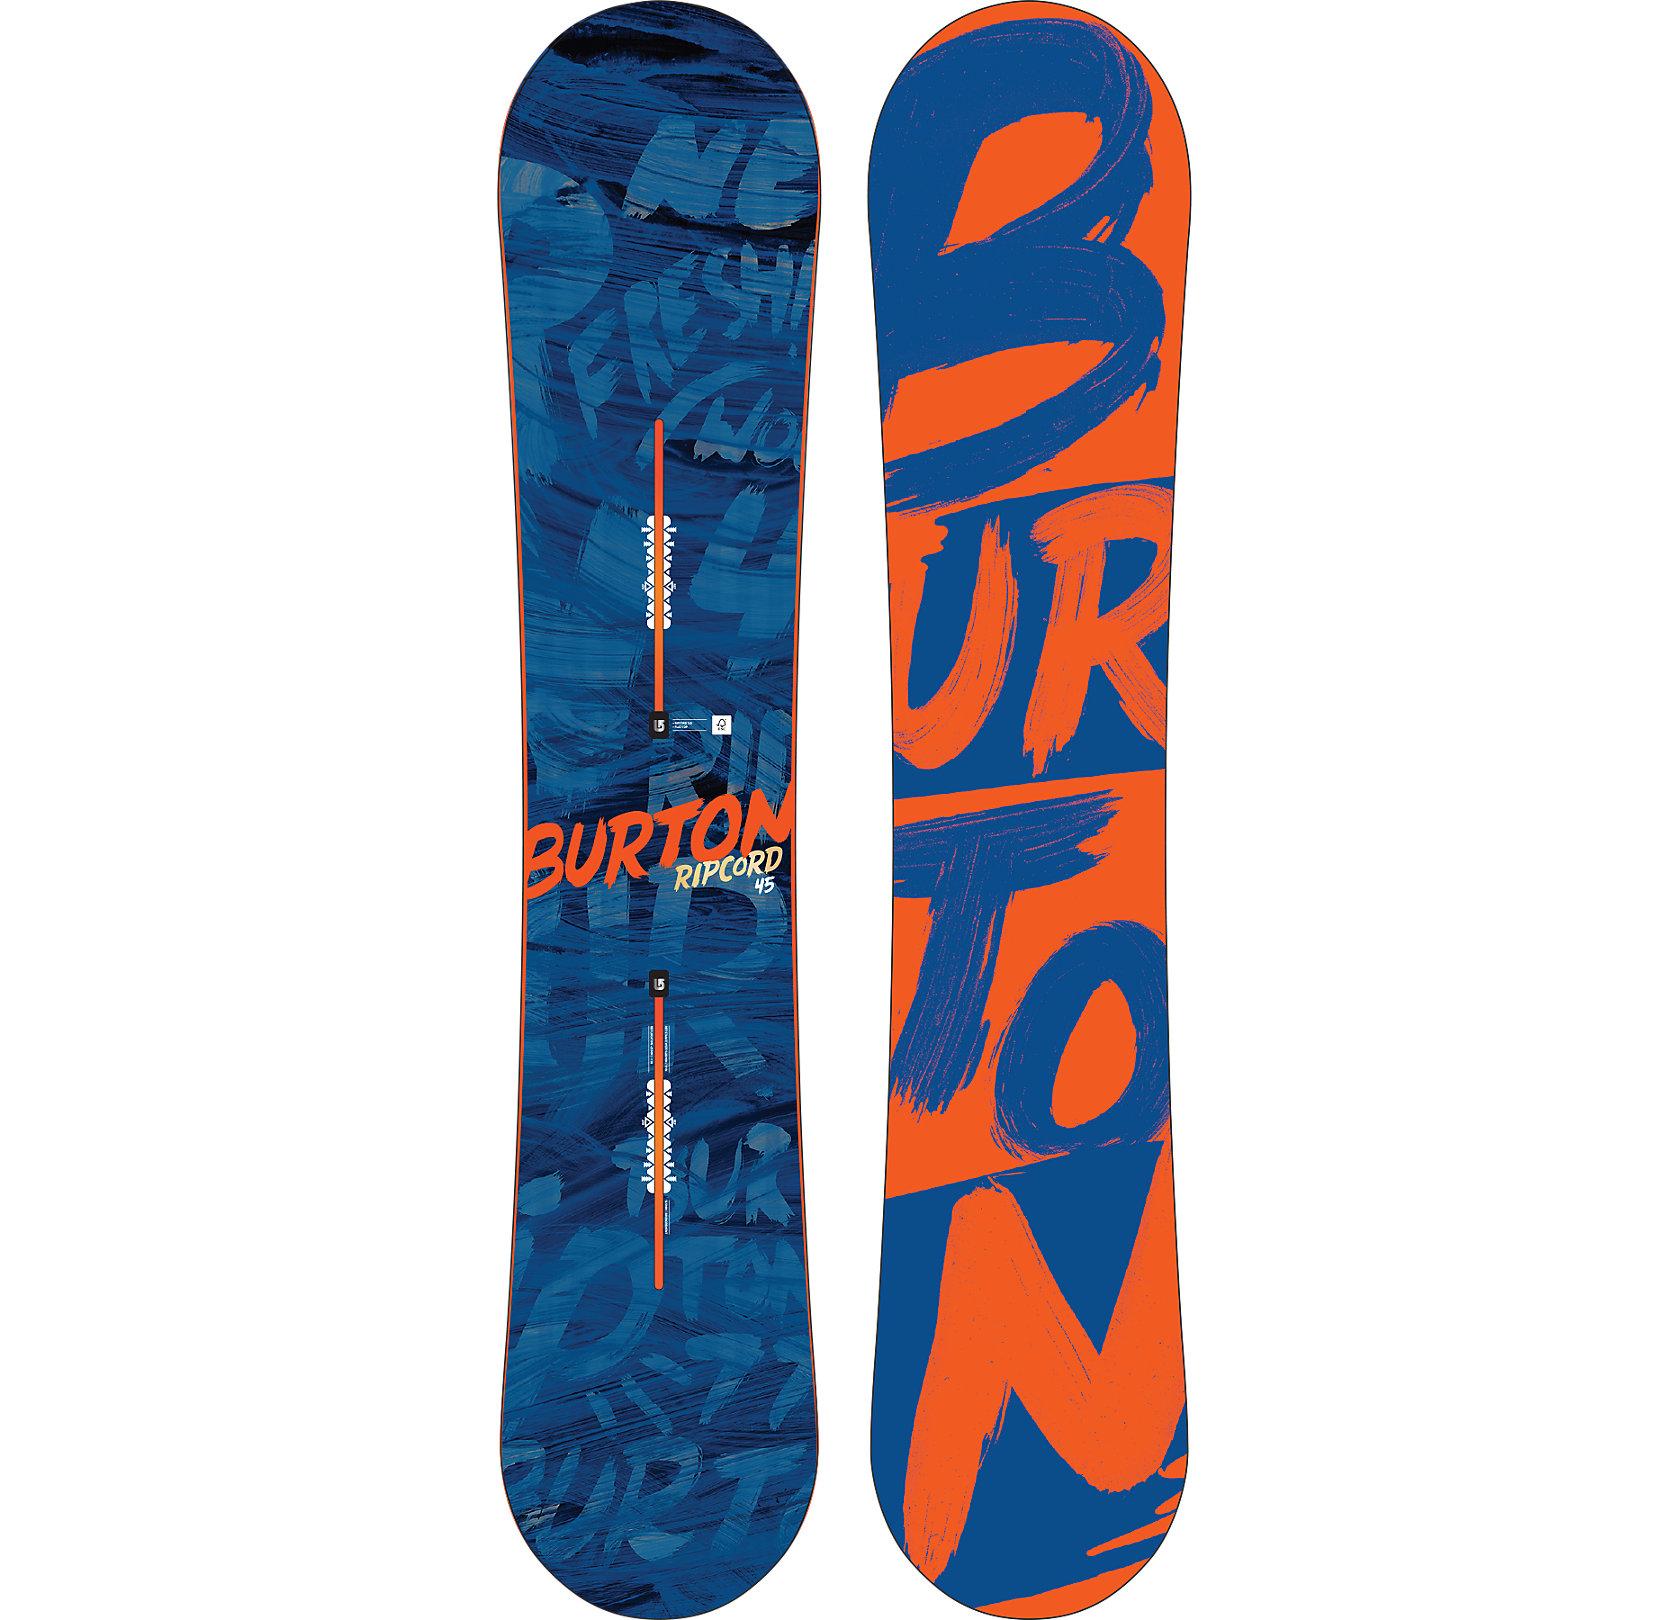 Burton ripcord snowboard 150 onboard store pinerolo torino - Marche tavole da snowboard ...